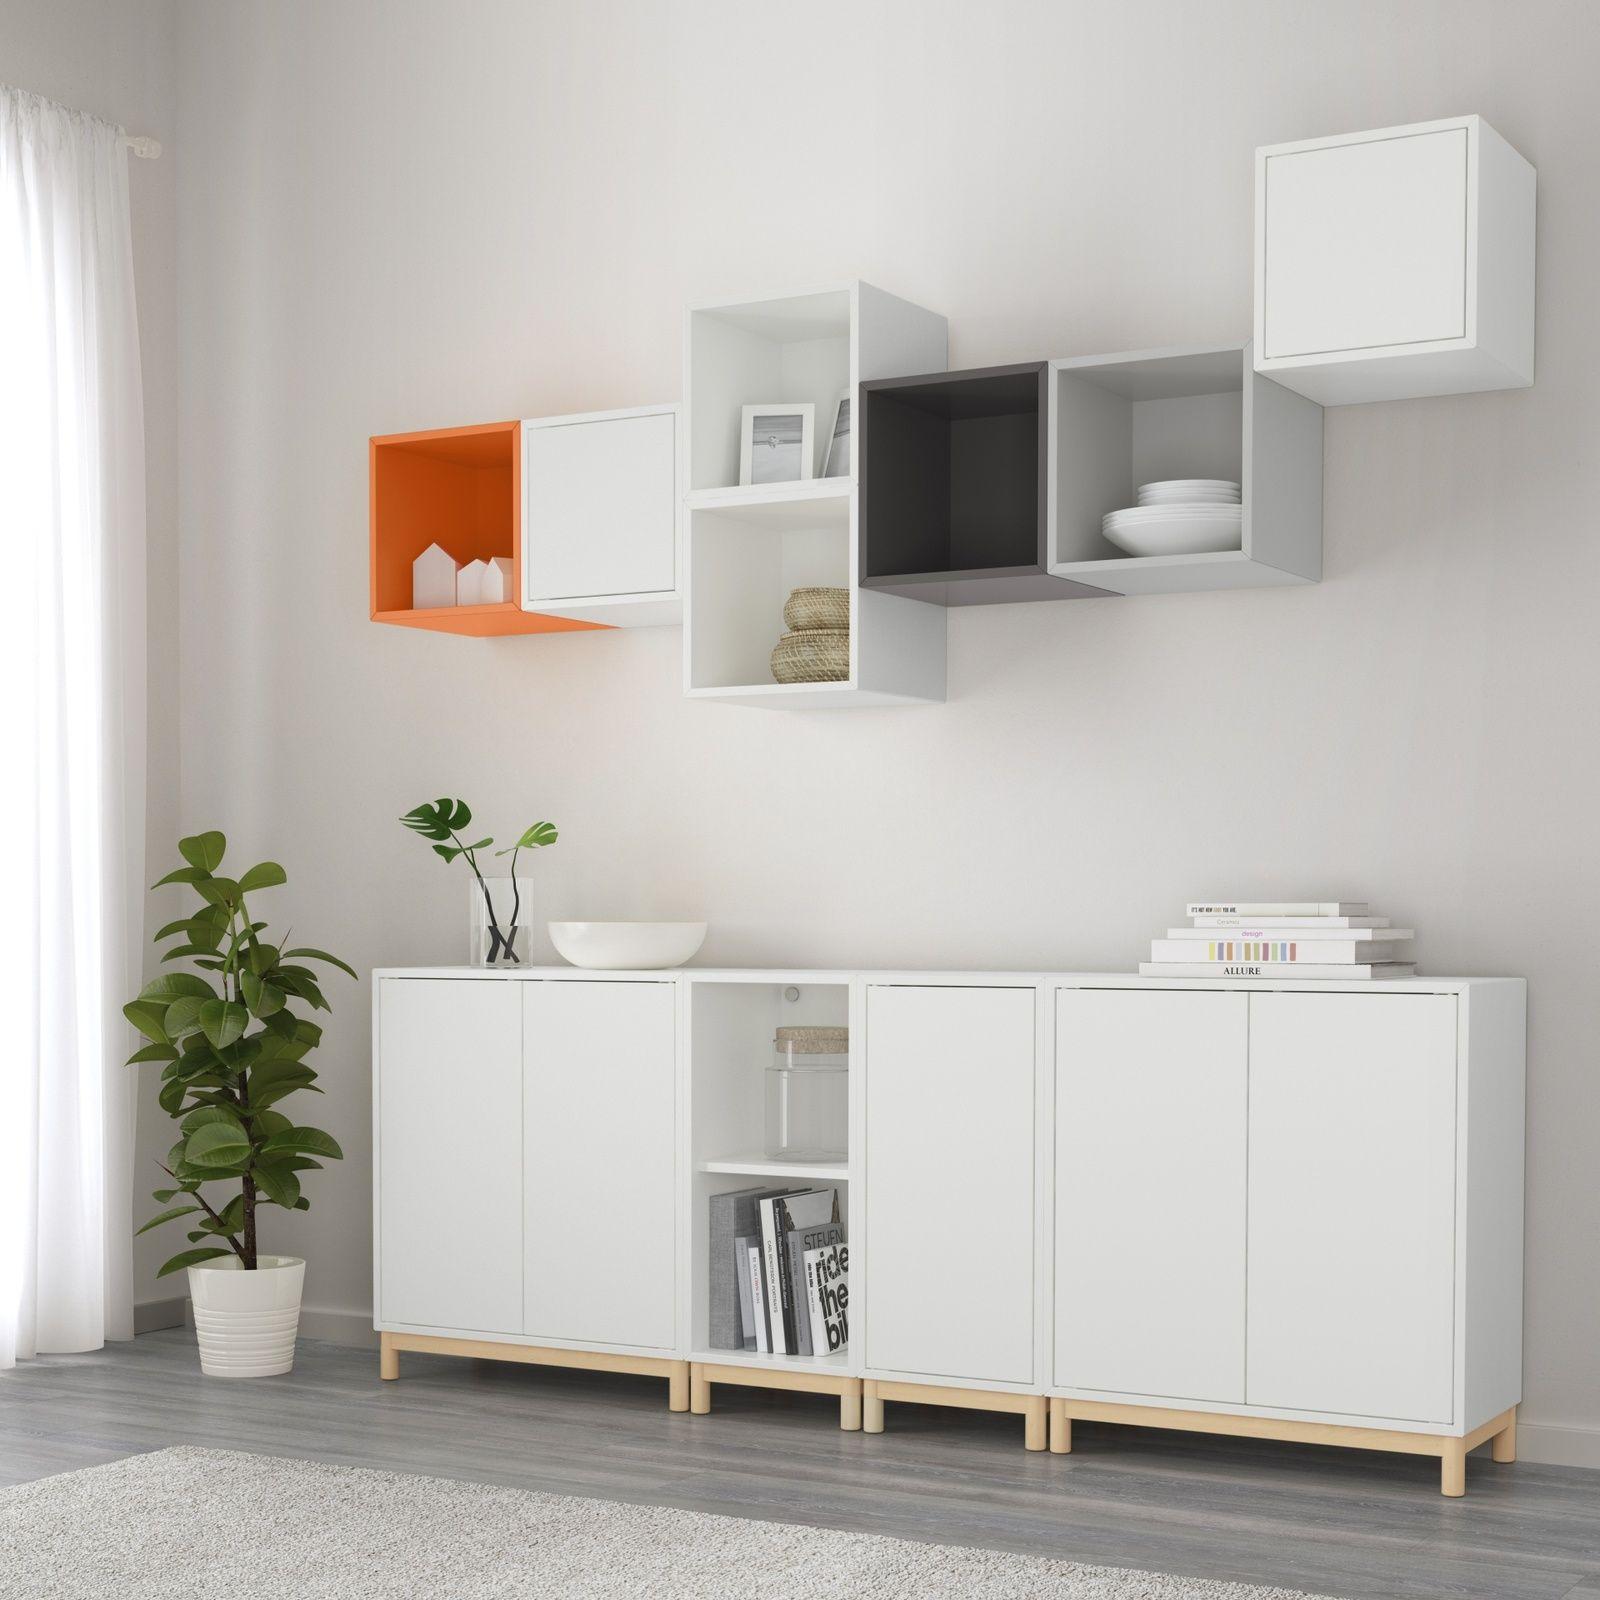 Album 23 Eket La Nouvelle Gamme De Chez Ikea Changement De Decor Autour De La Tele Le Blog Generateur D Inspiration Design Ikea Living Room Decor Apartment Armoire De Salon